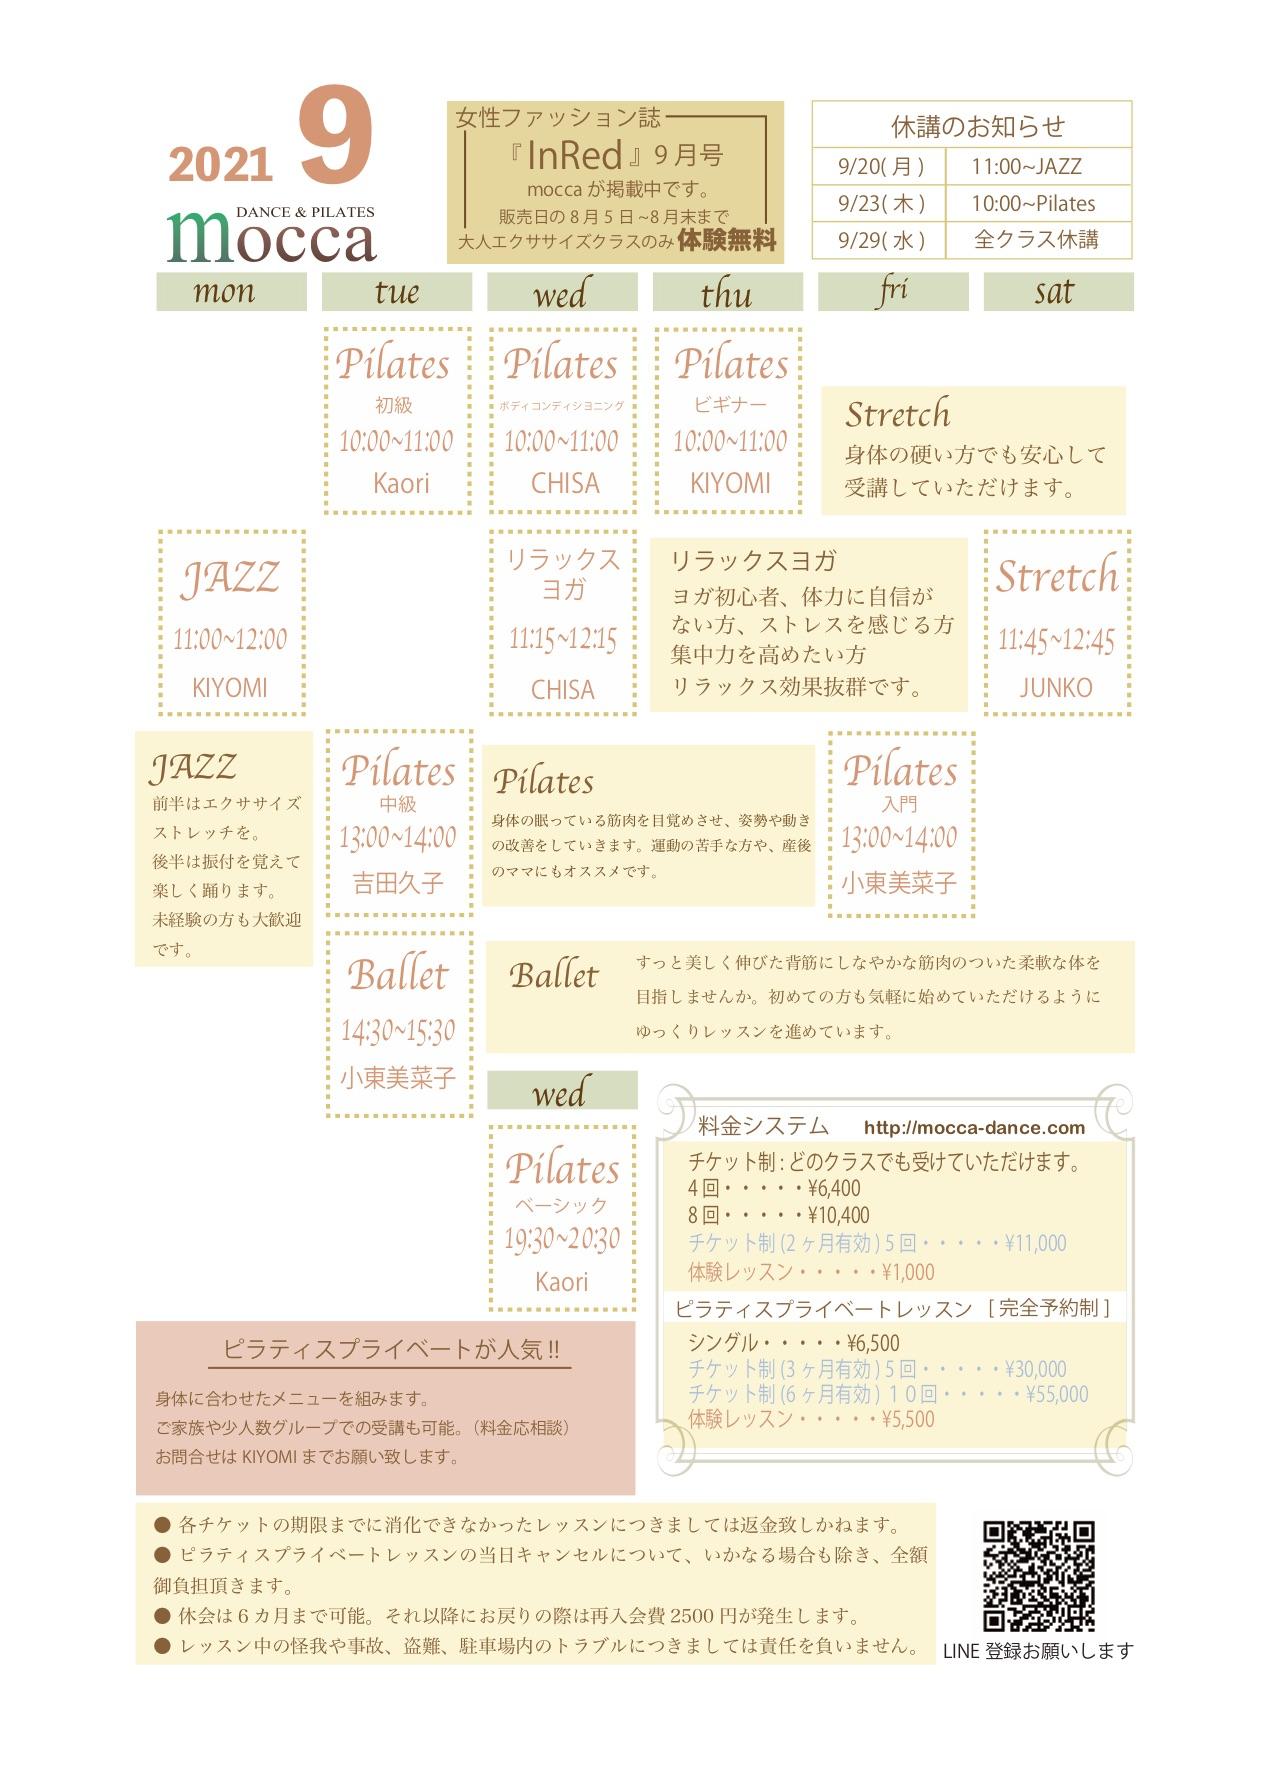 http://mocca-dance.com/otona-9.pdf%E3%81%AE%E3%82%B3%E3%83%92%E3%82%9A%E3%83%BC.jpg